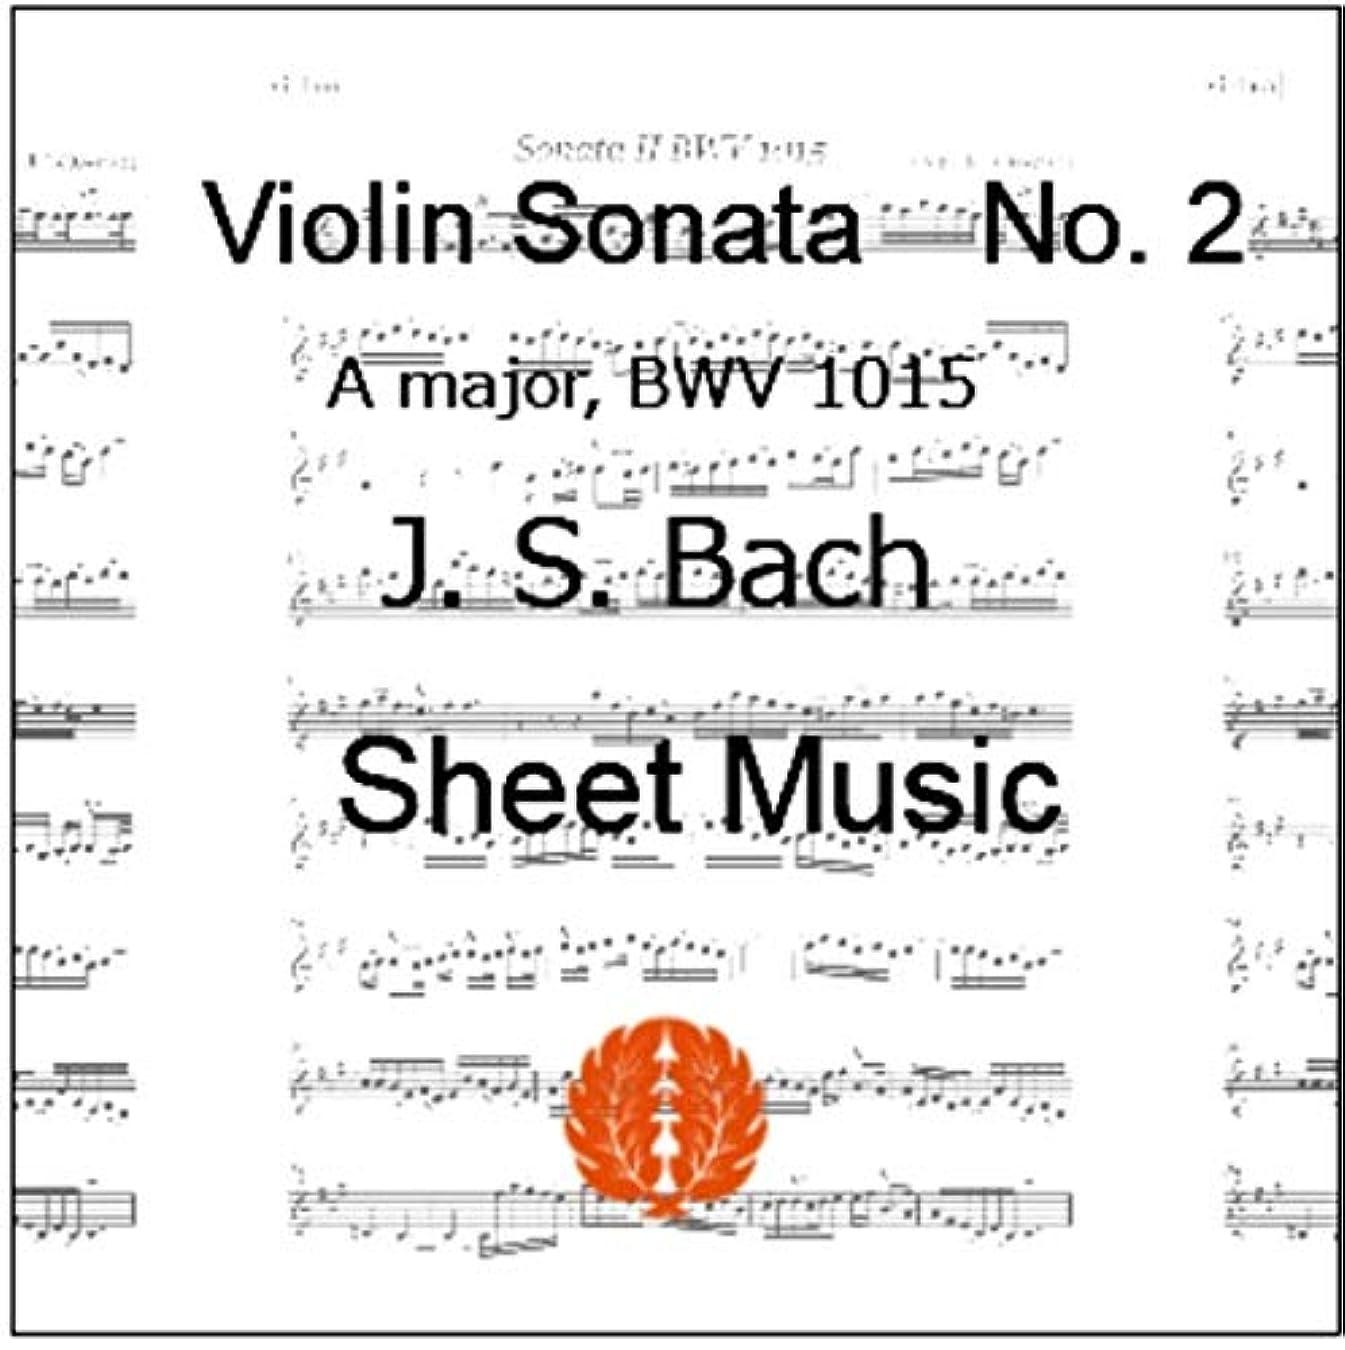 払い戻し資源横向き楽譜 pdf J.S.バッハ ヴァイオリンとチェンバロのためのソナタ 第2番 イ長調 BWV1015